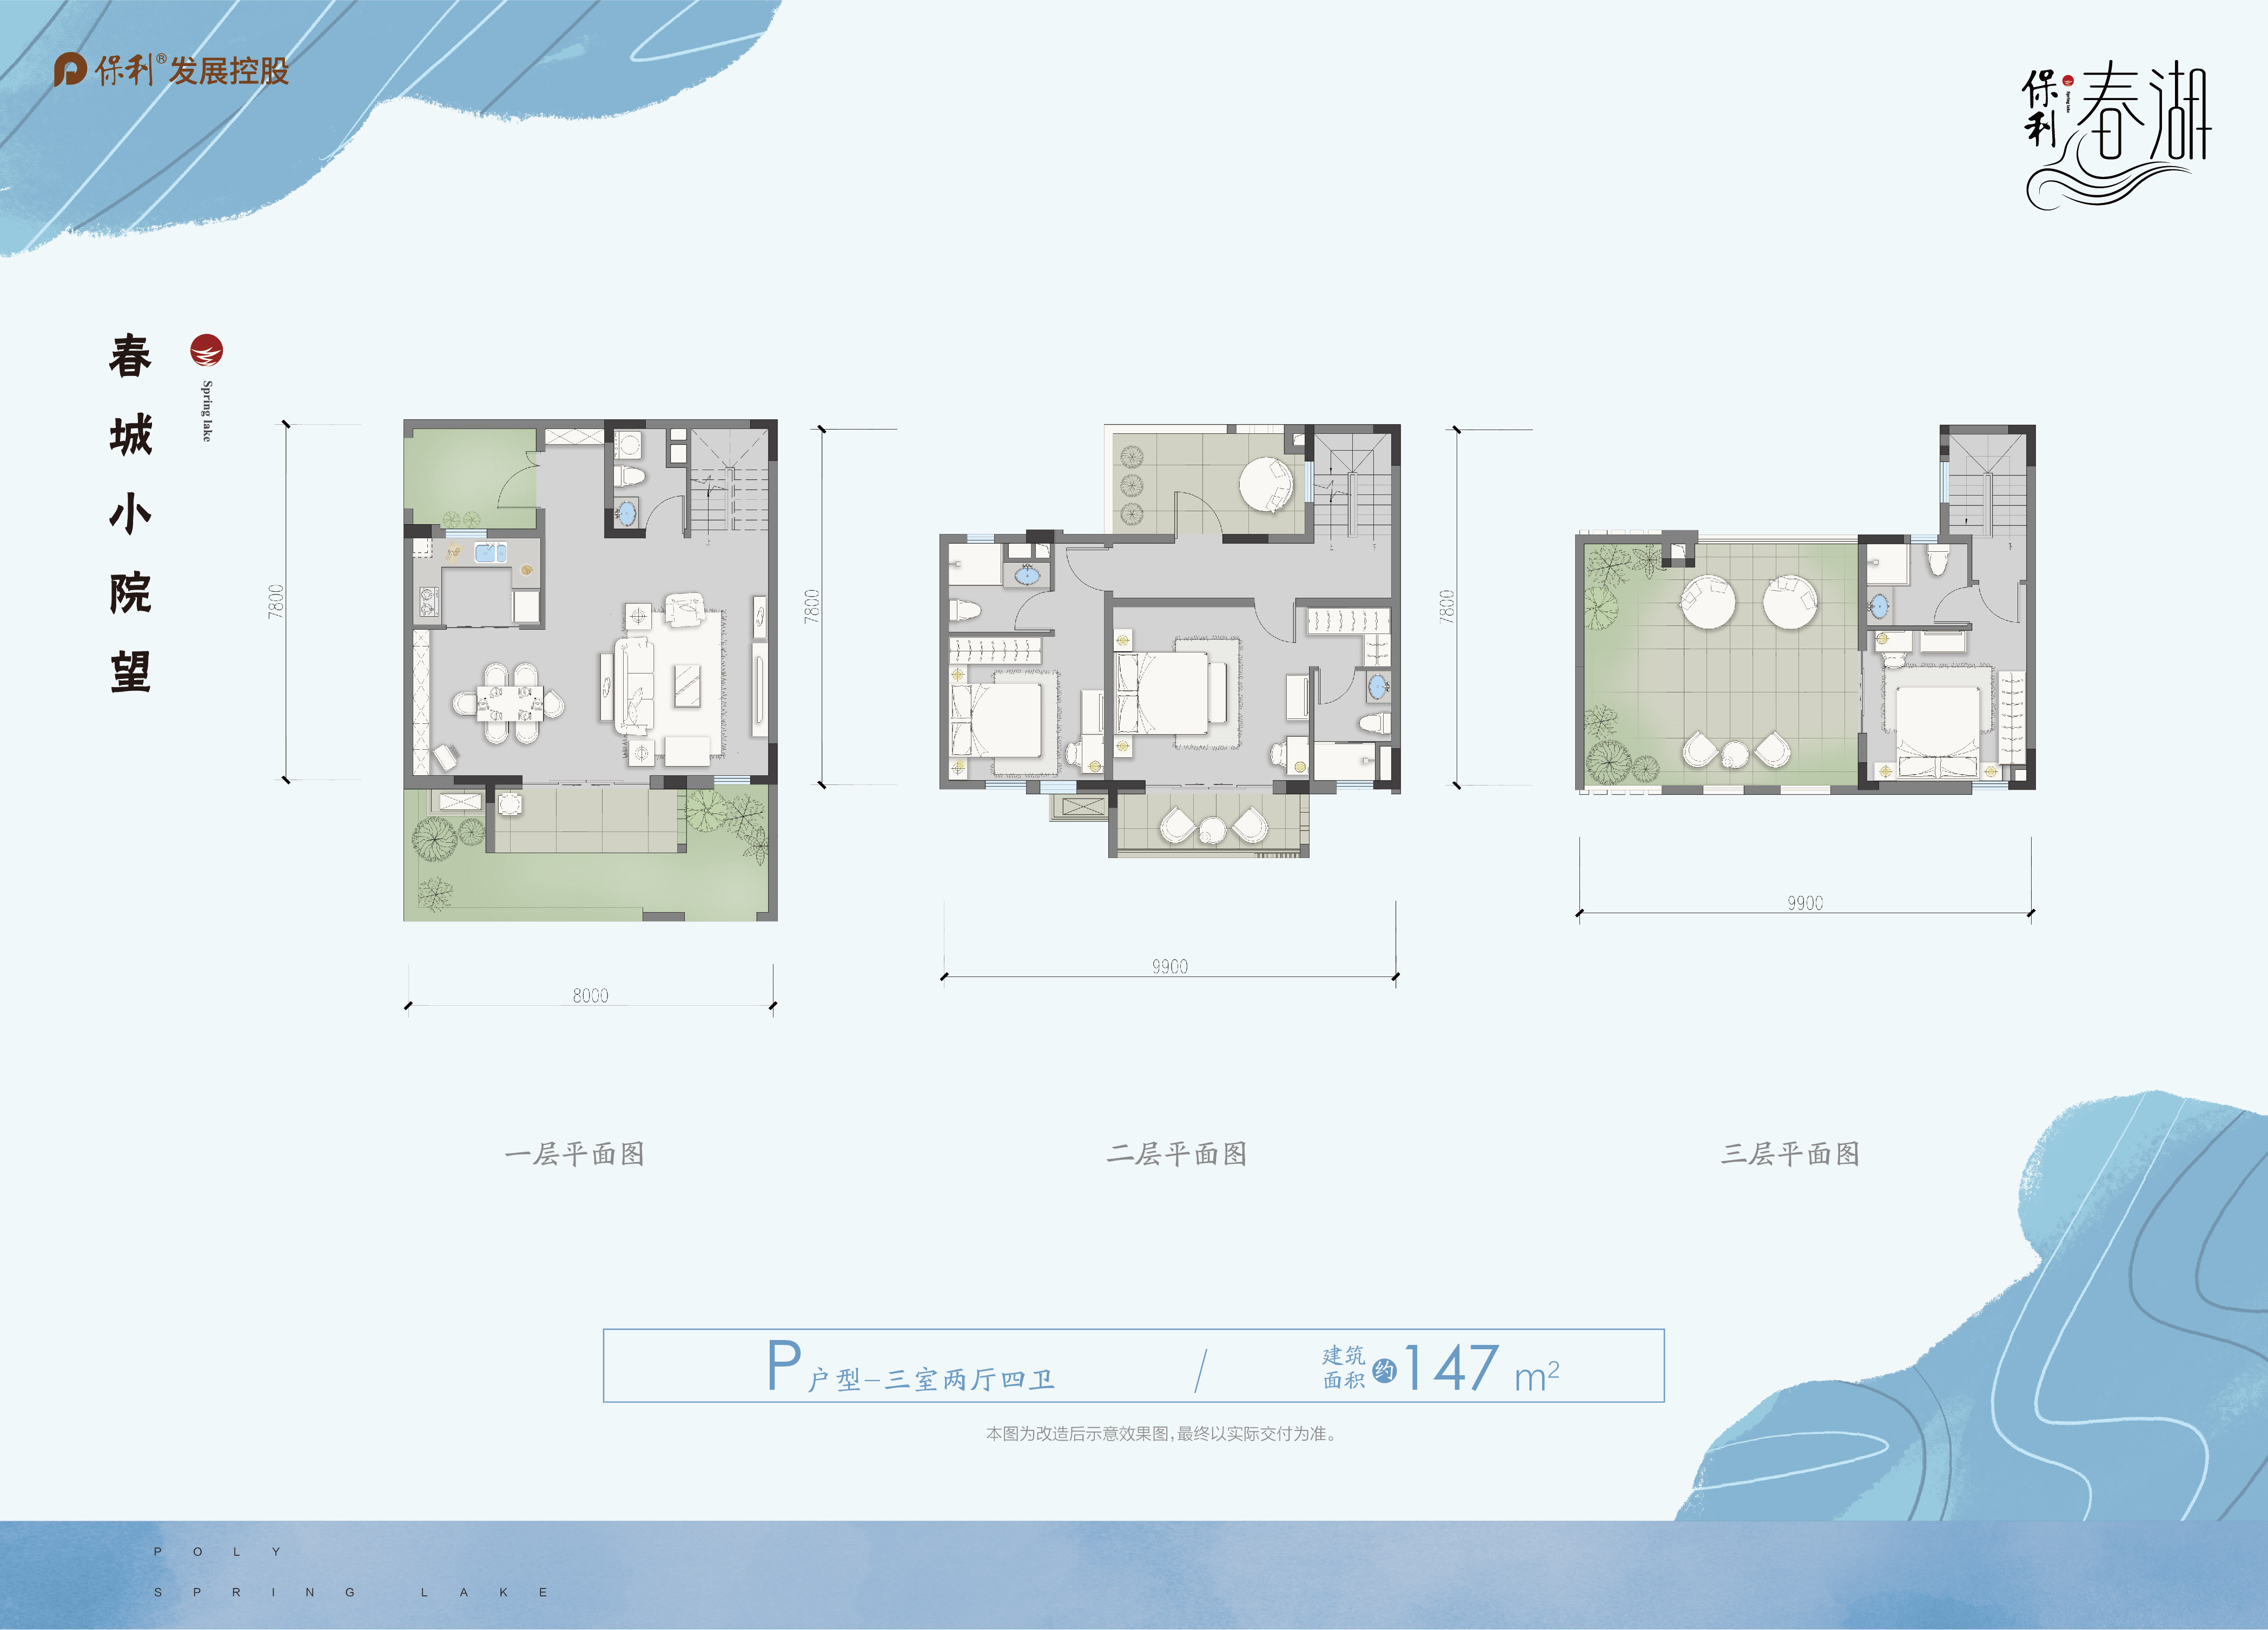 3室2厅4卫-春城小院望P户型,建面147㎡